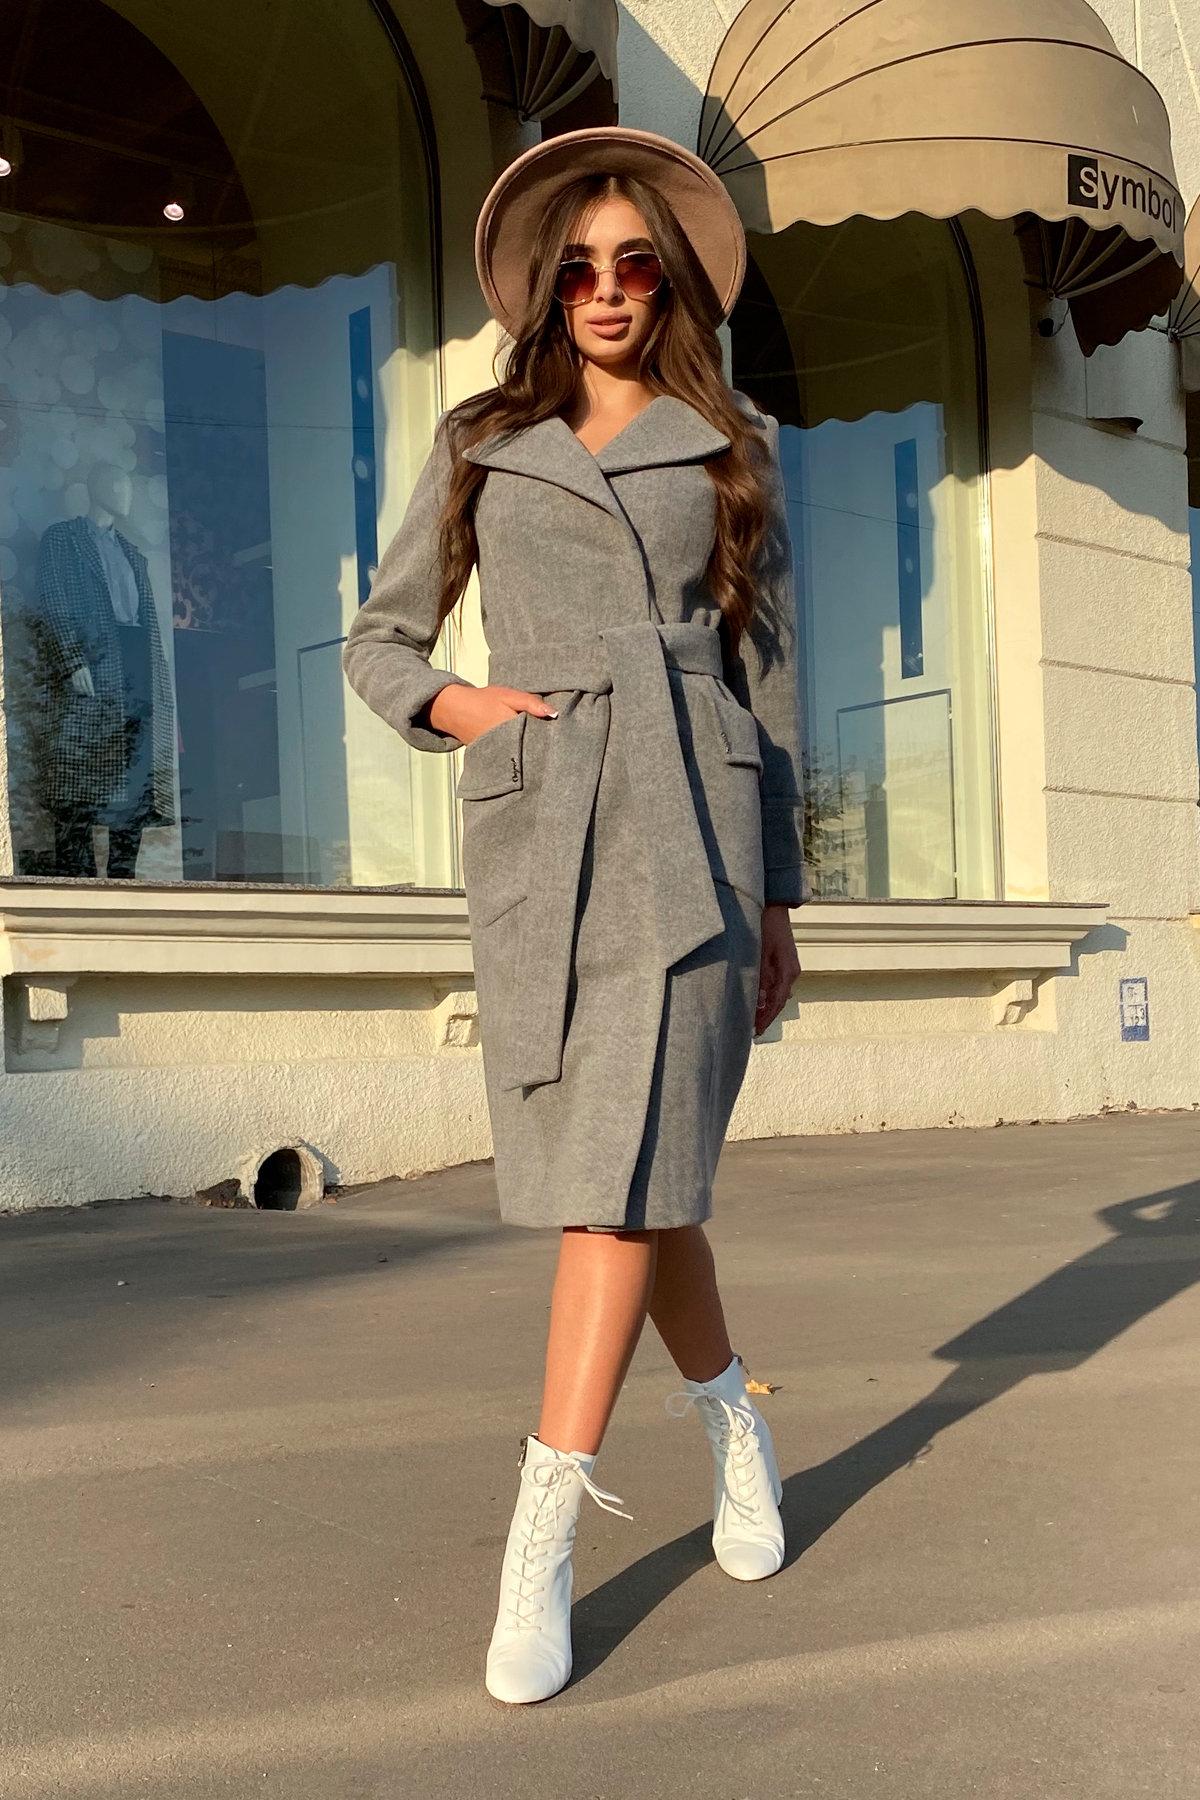 Зимнее пальто с мехом Стейси 5647 АРТ. 37855 Цвет: Серый 18 - фото 2, интернет магазин tm-modus.ru